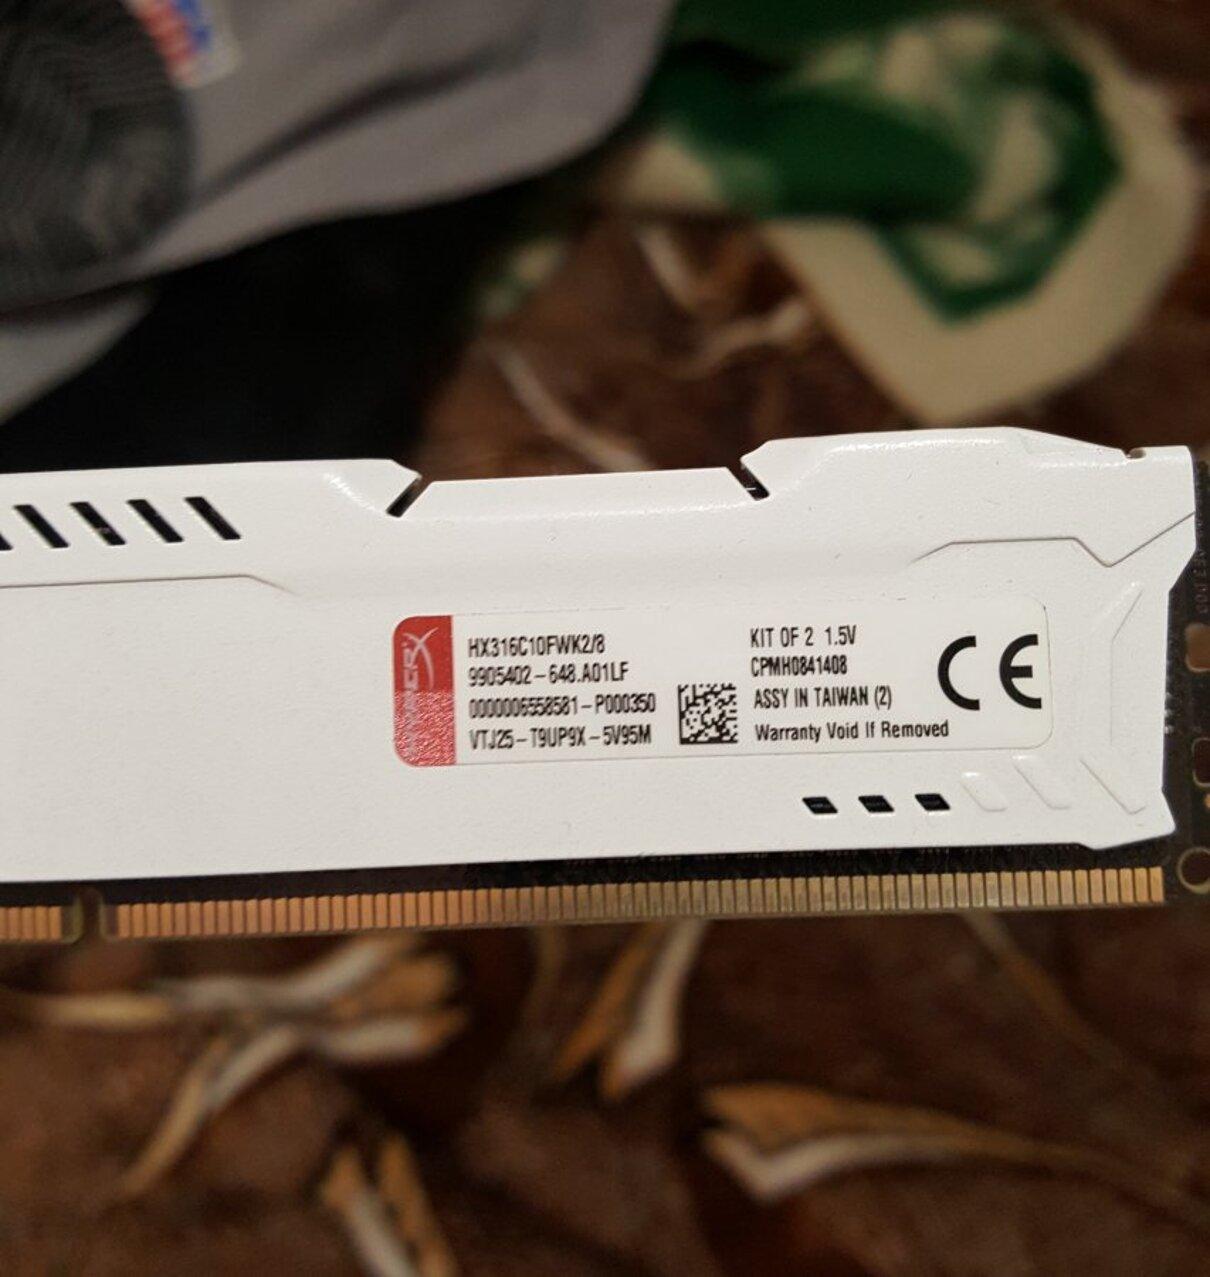 Жалоба-отзыв: Прудько Андрей Сергеевич - Продал нерабочую оперативную память 8GB DDR3 Kingston HyperX